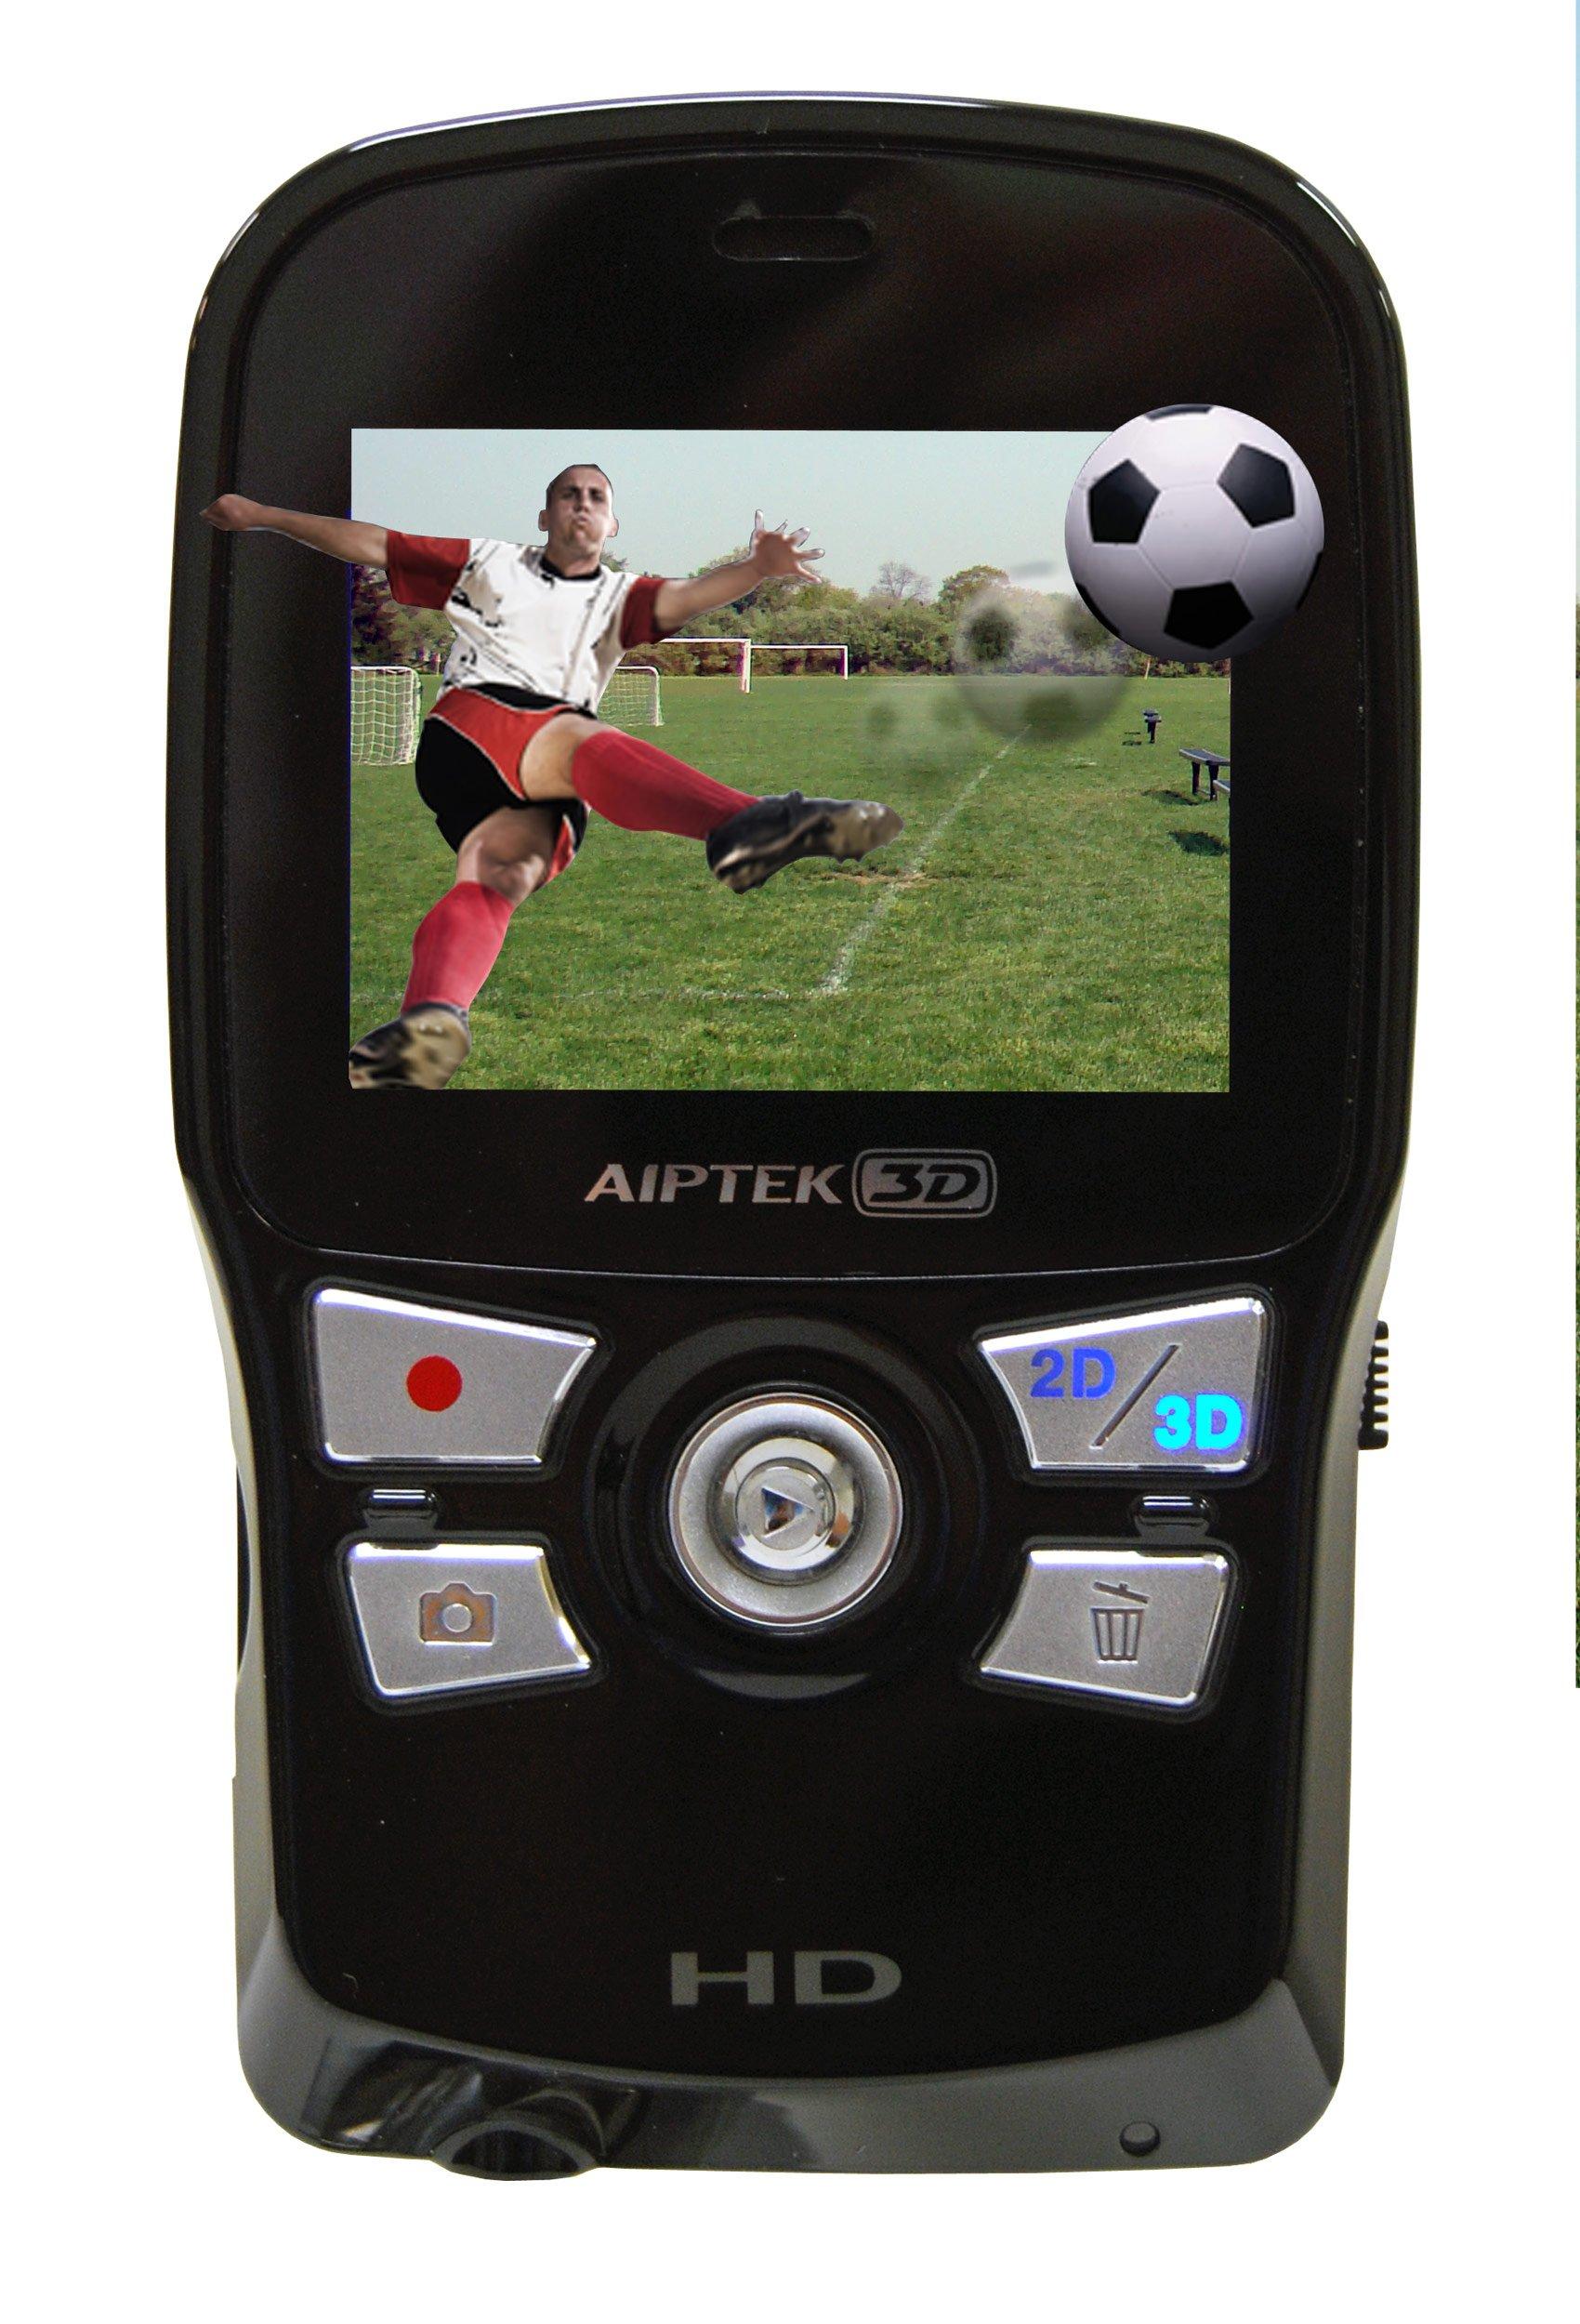 Aiptek 3D-HD High Definition 3D Camcorder (Black/Black)